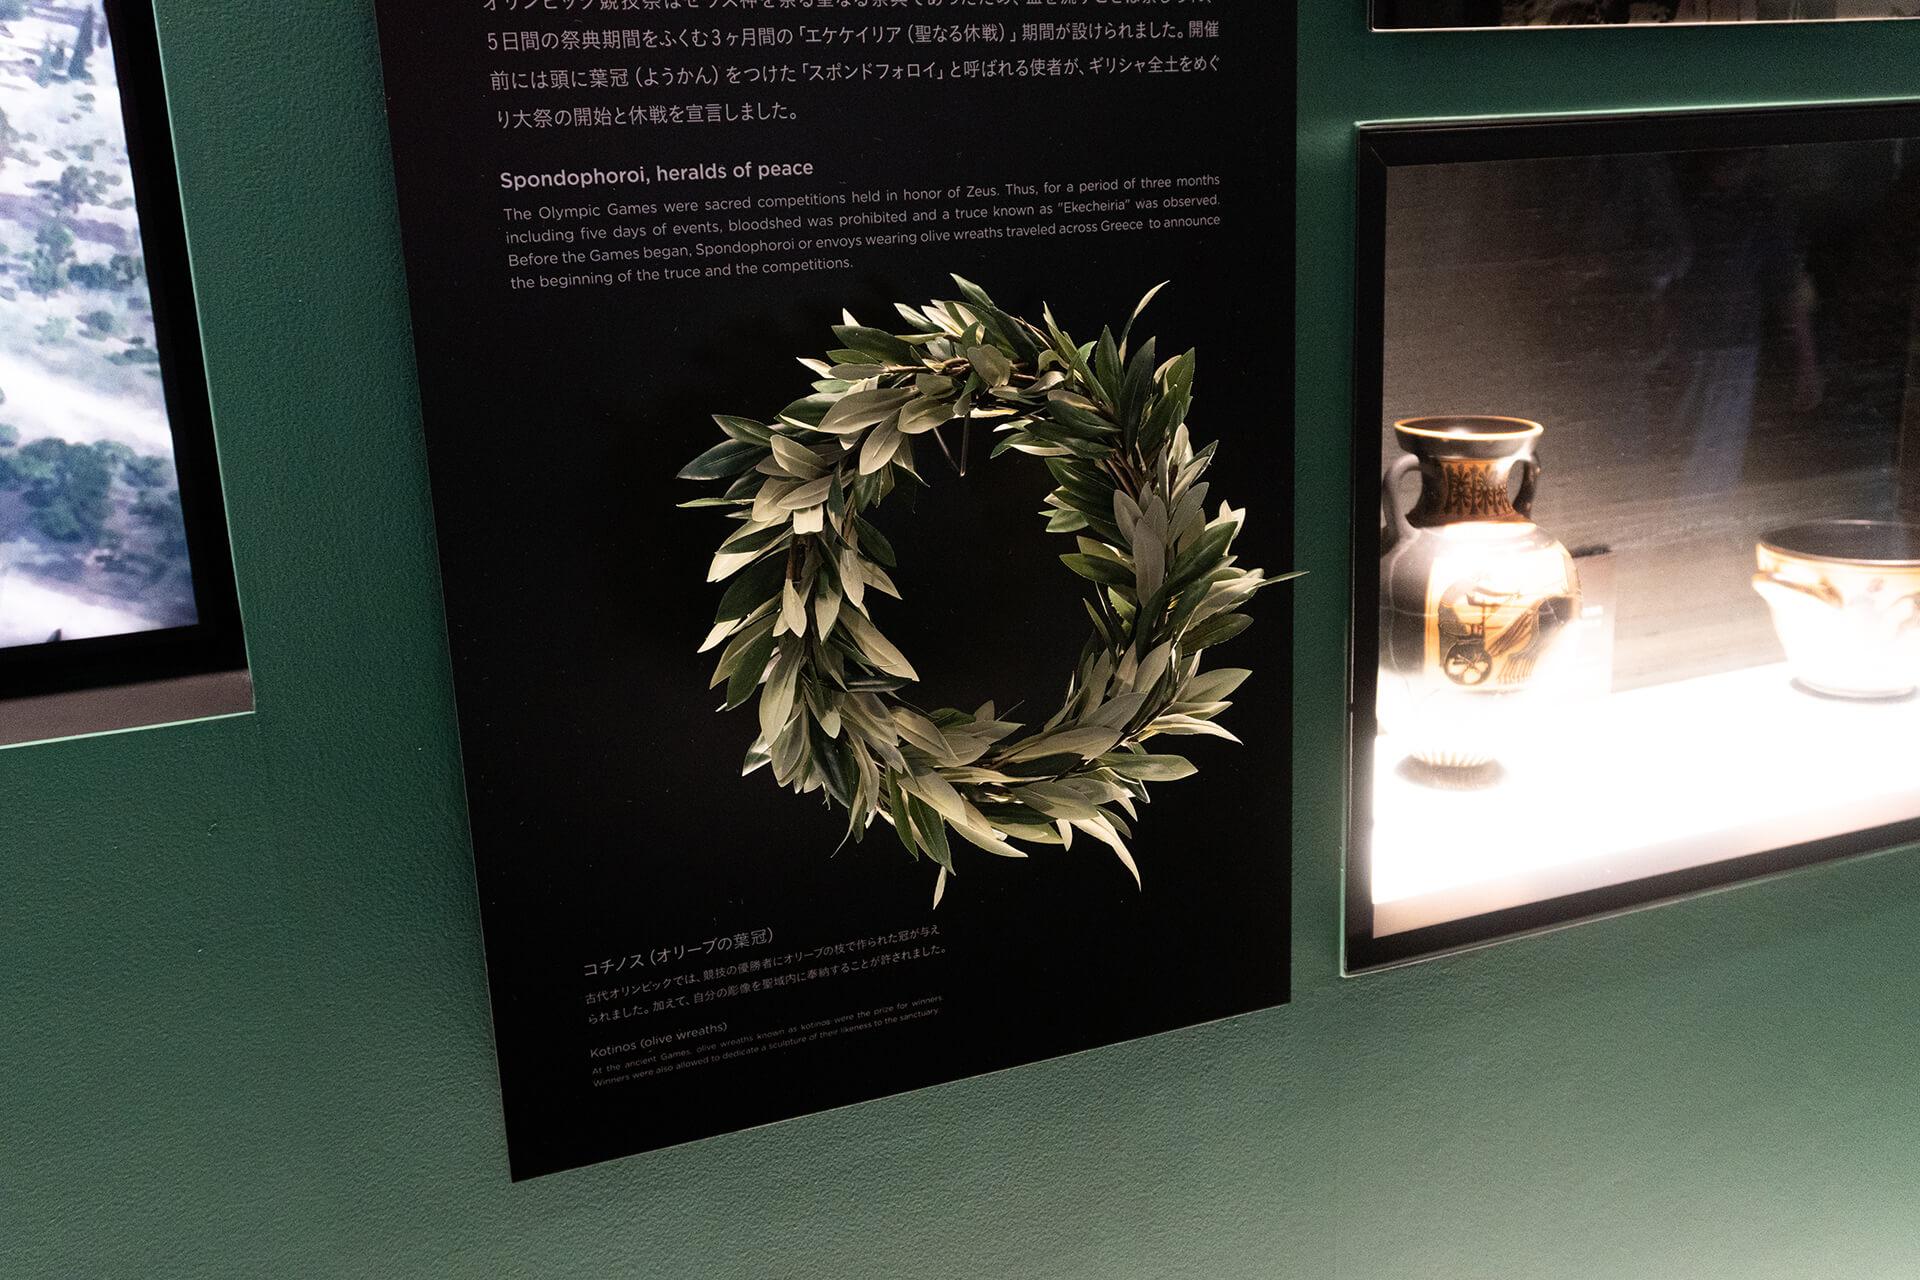 日本オリンピックミュージアム・月桂樹